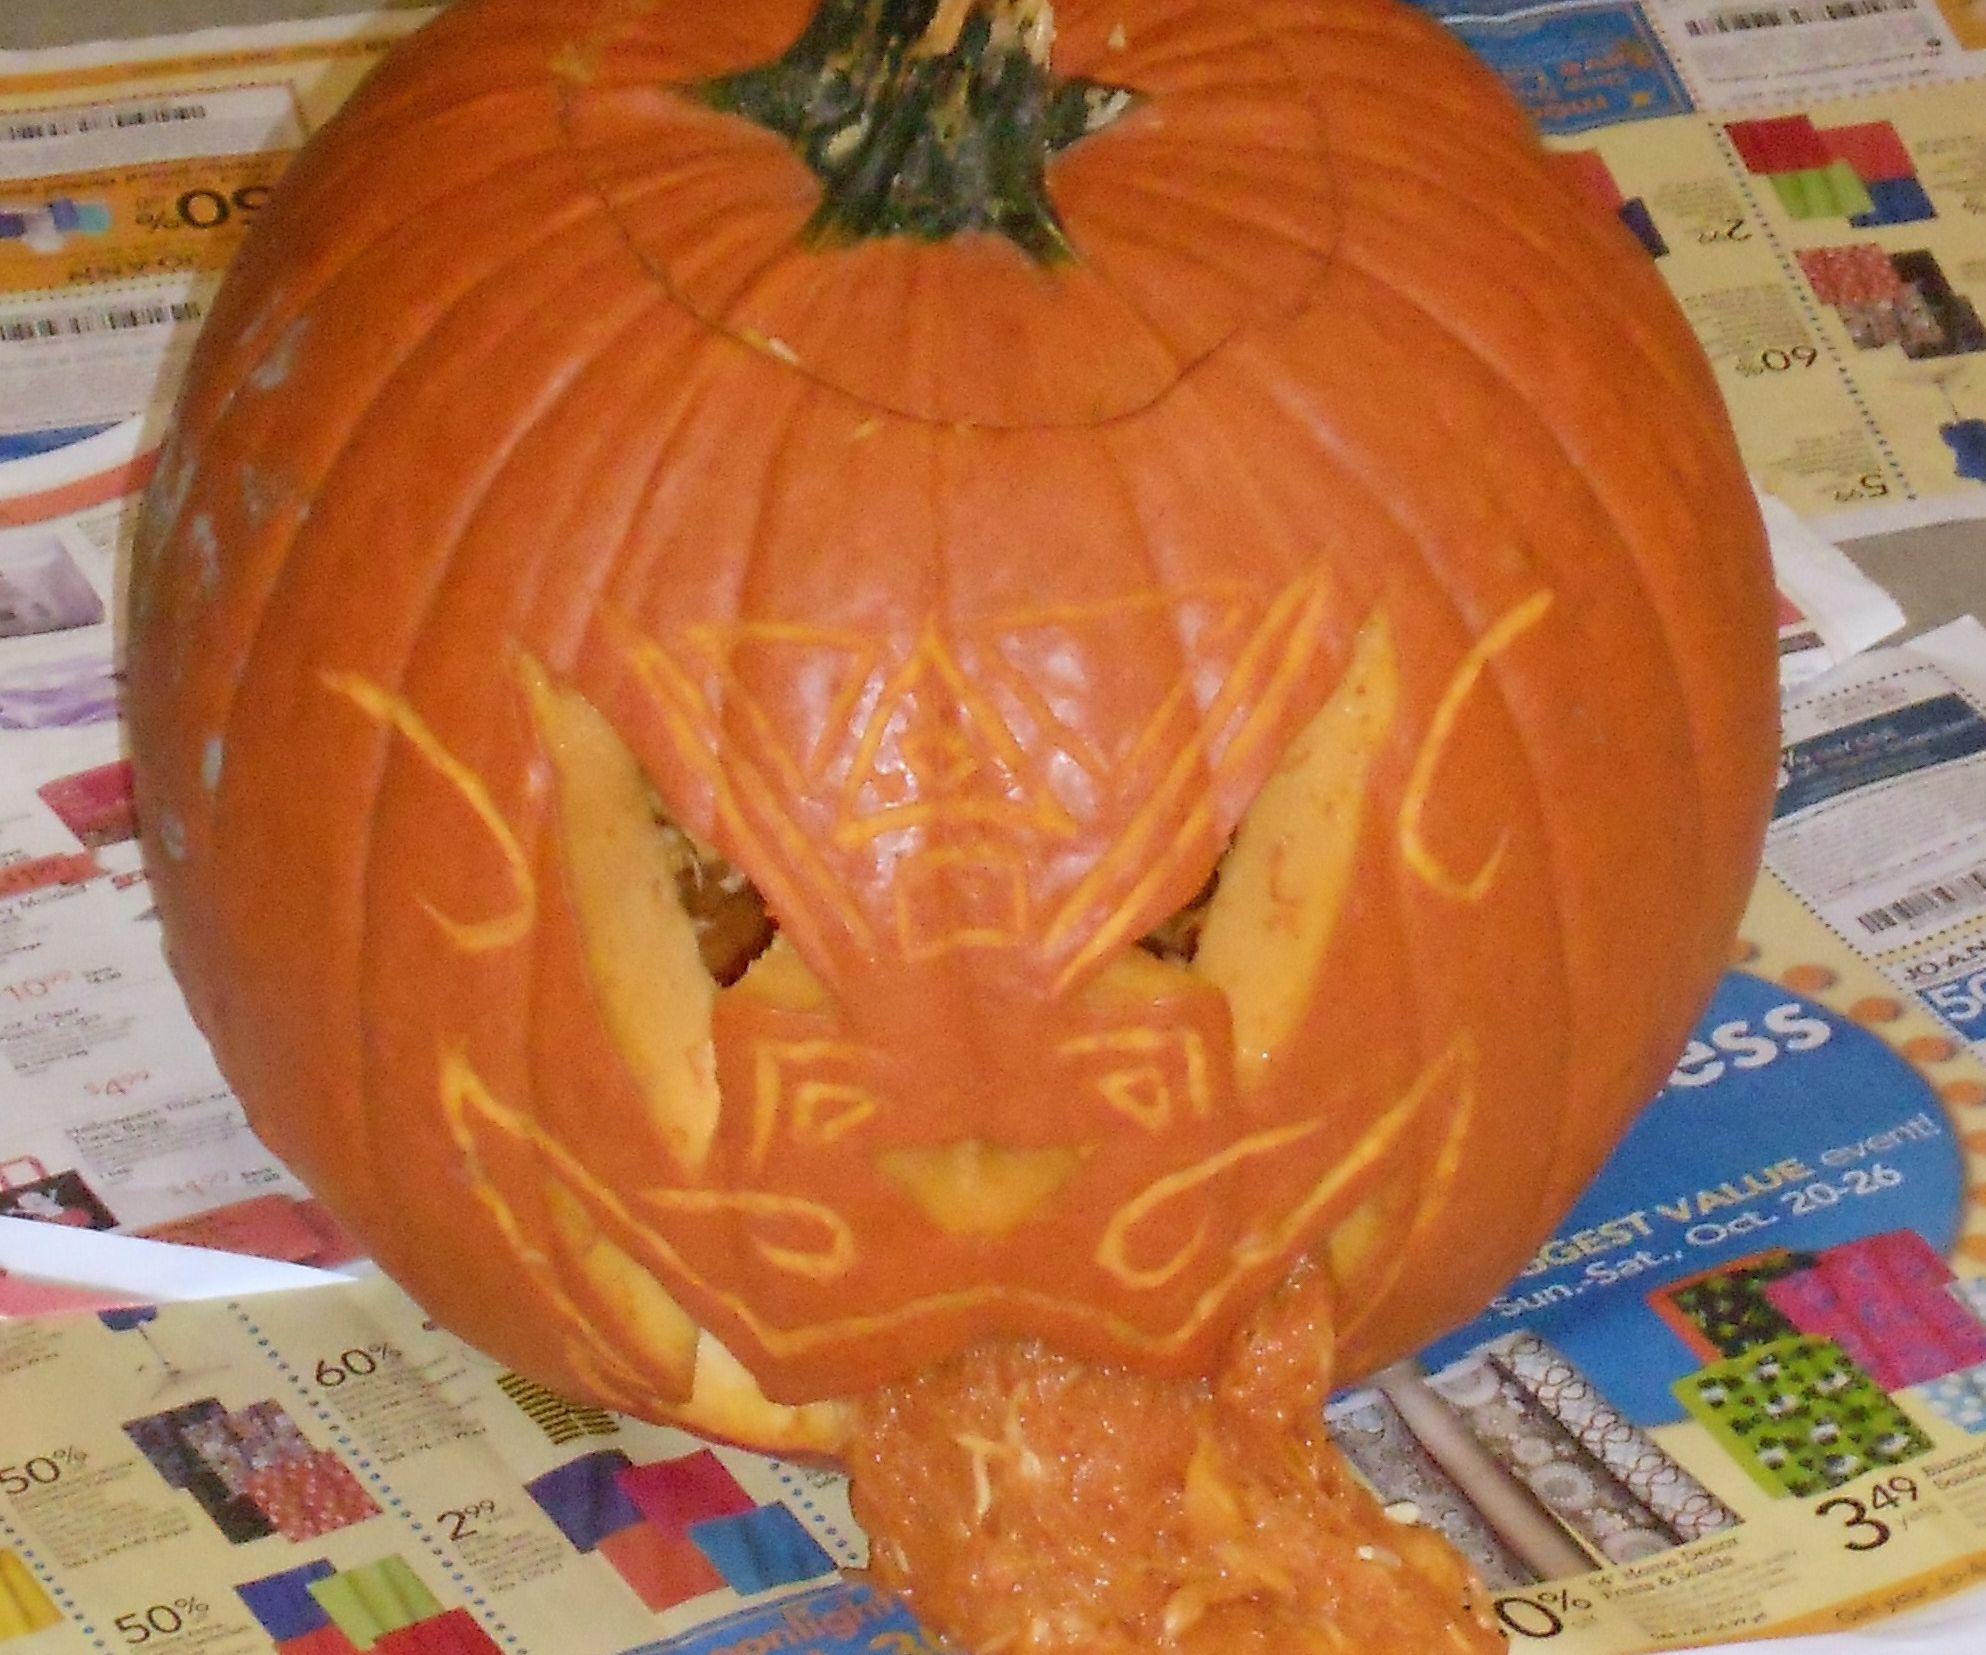 Vomitting Pumpkin